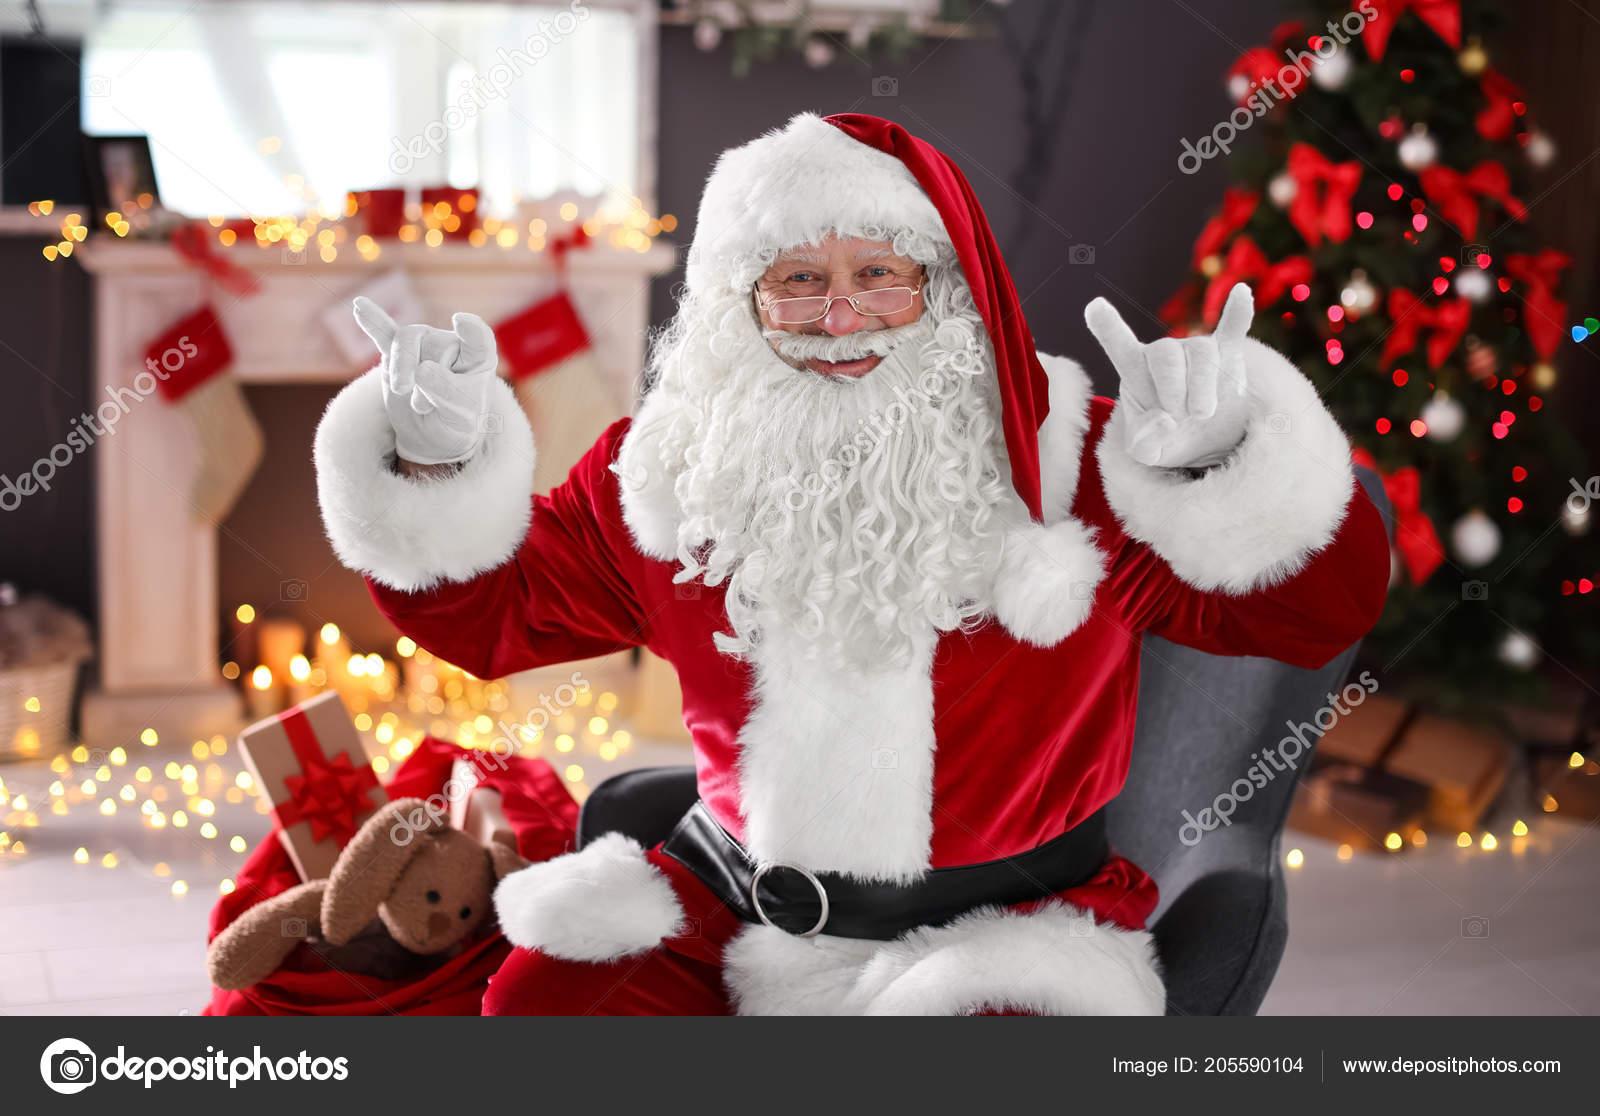 Babbo Natale Immagini Divertenti.Babbo Natale Autentico Risultati Divertenti Gesti Chiuso Foto